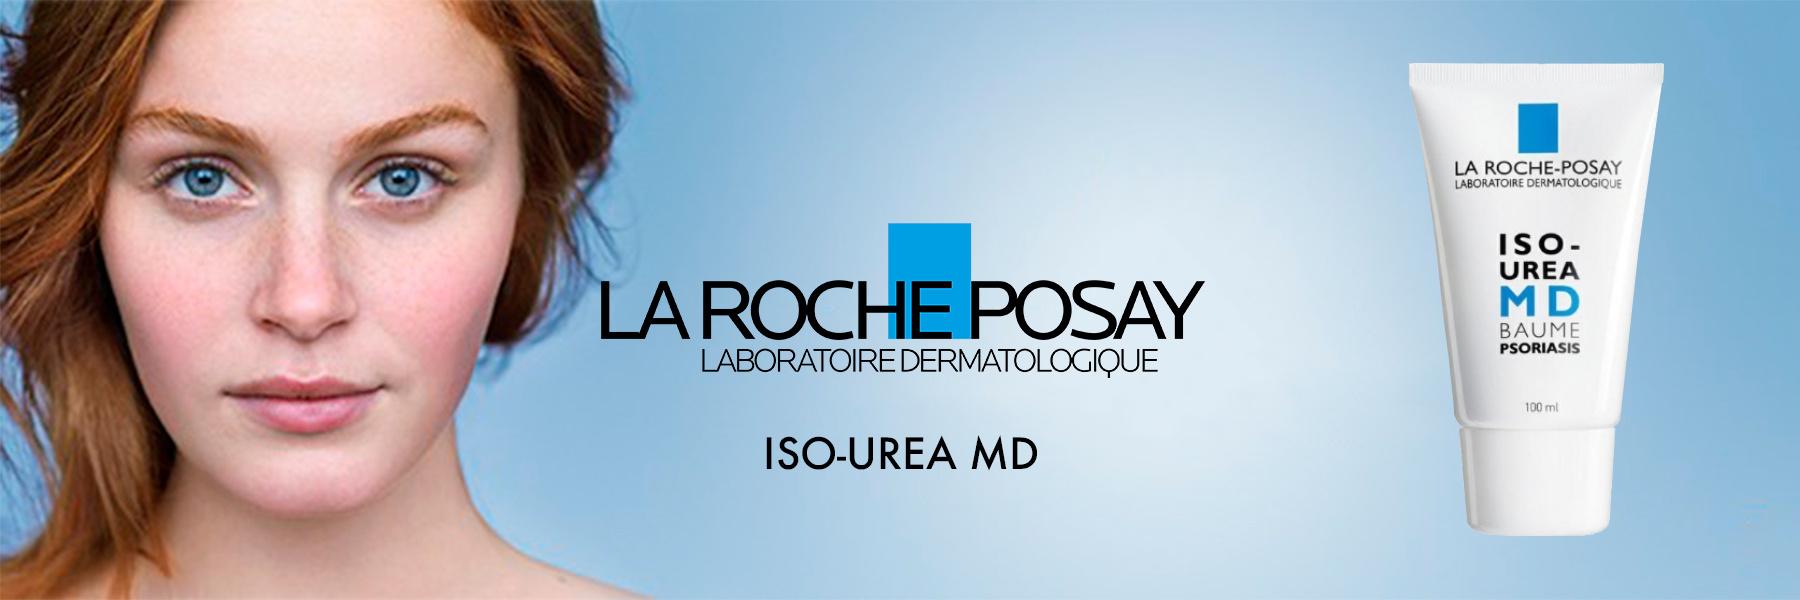 La Roche Posay Iso Urea